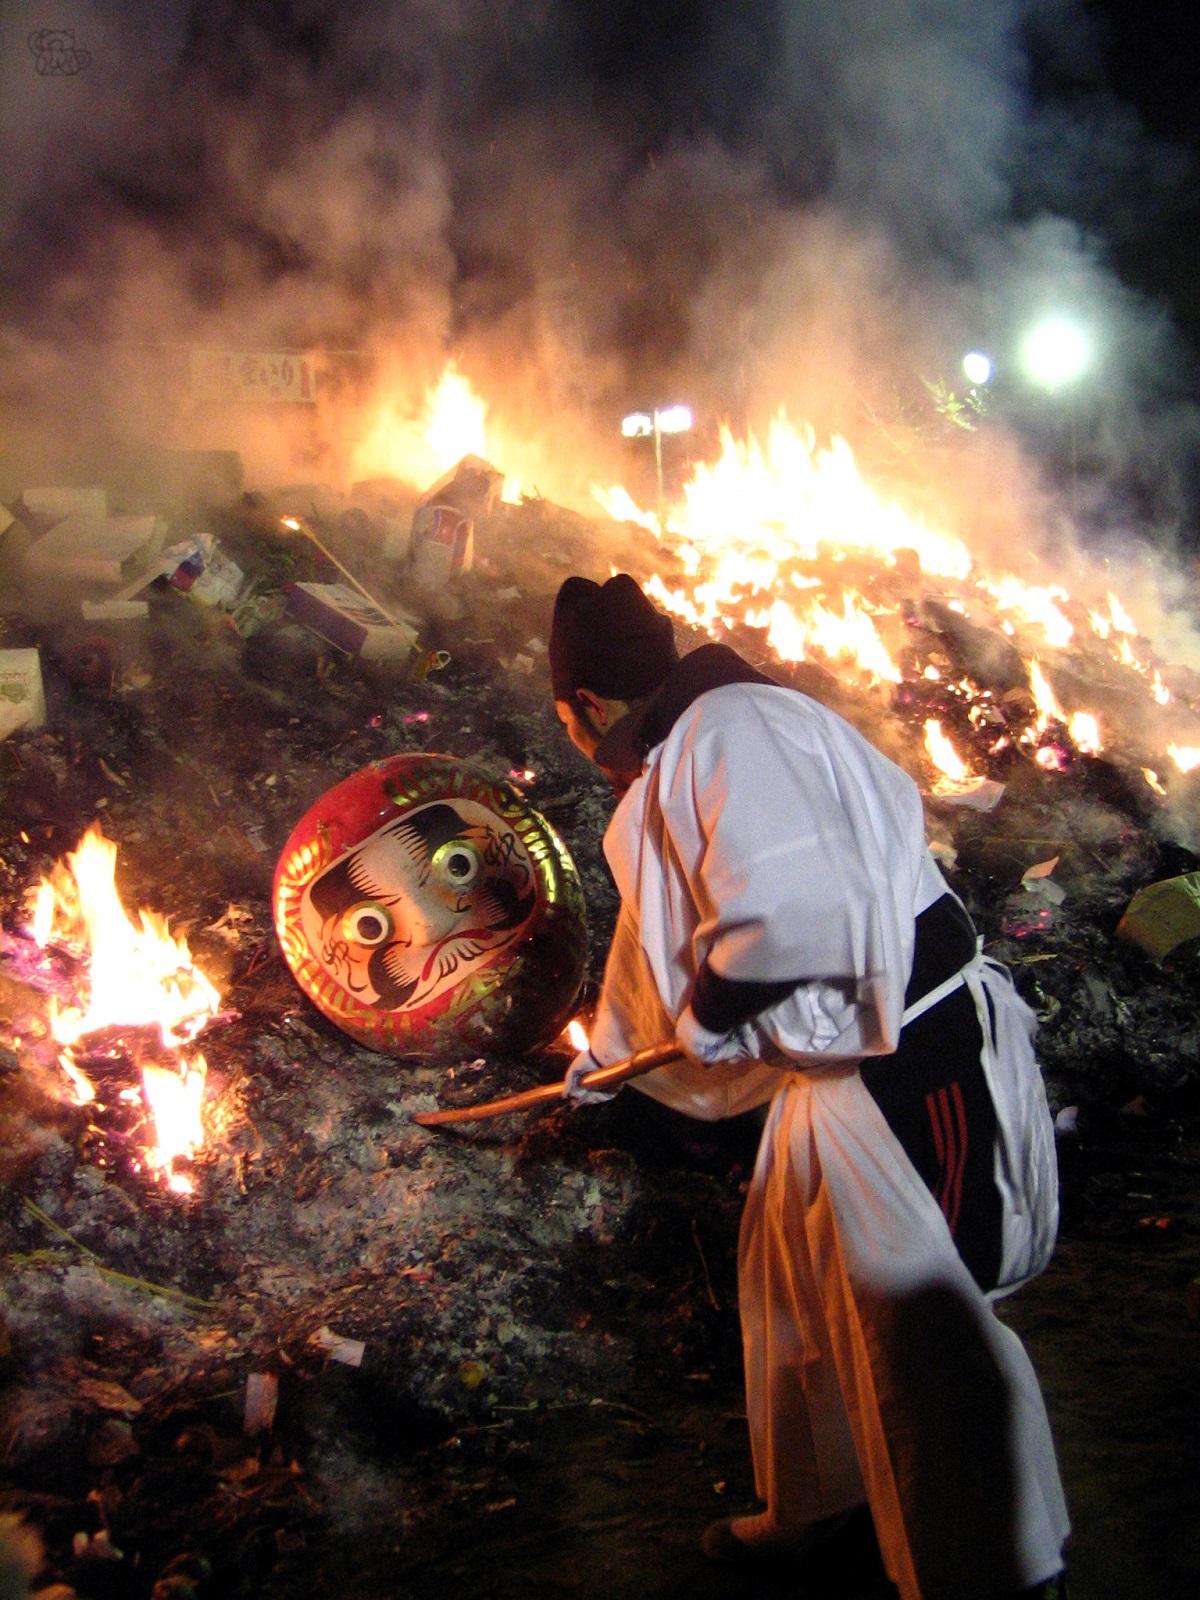 Darumat poltetaan temppelissä seremoniallisesti. Kuva: Flickr/washuugenius